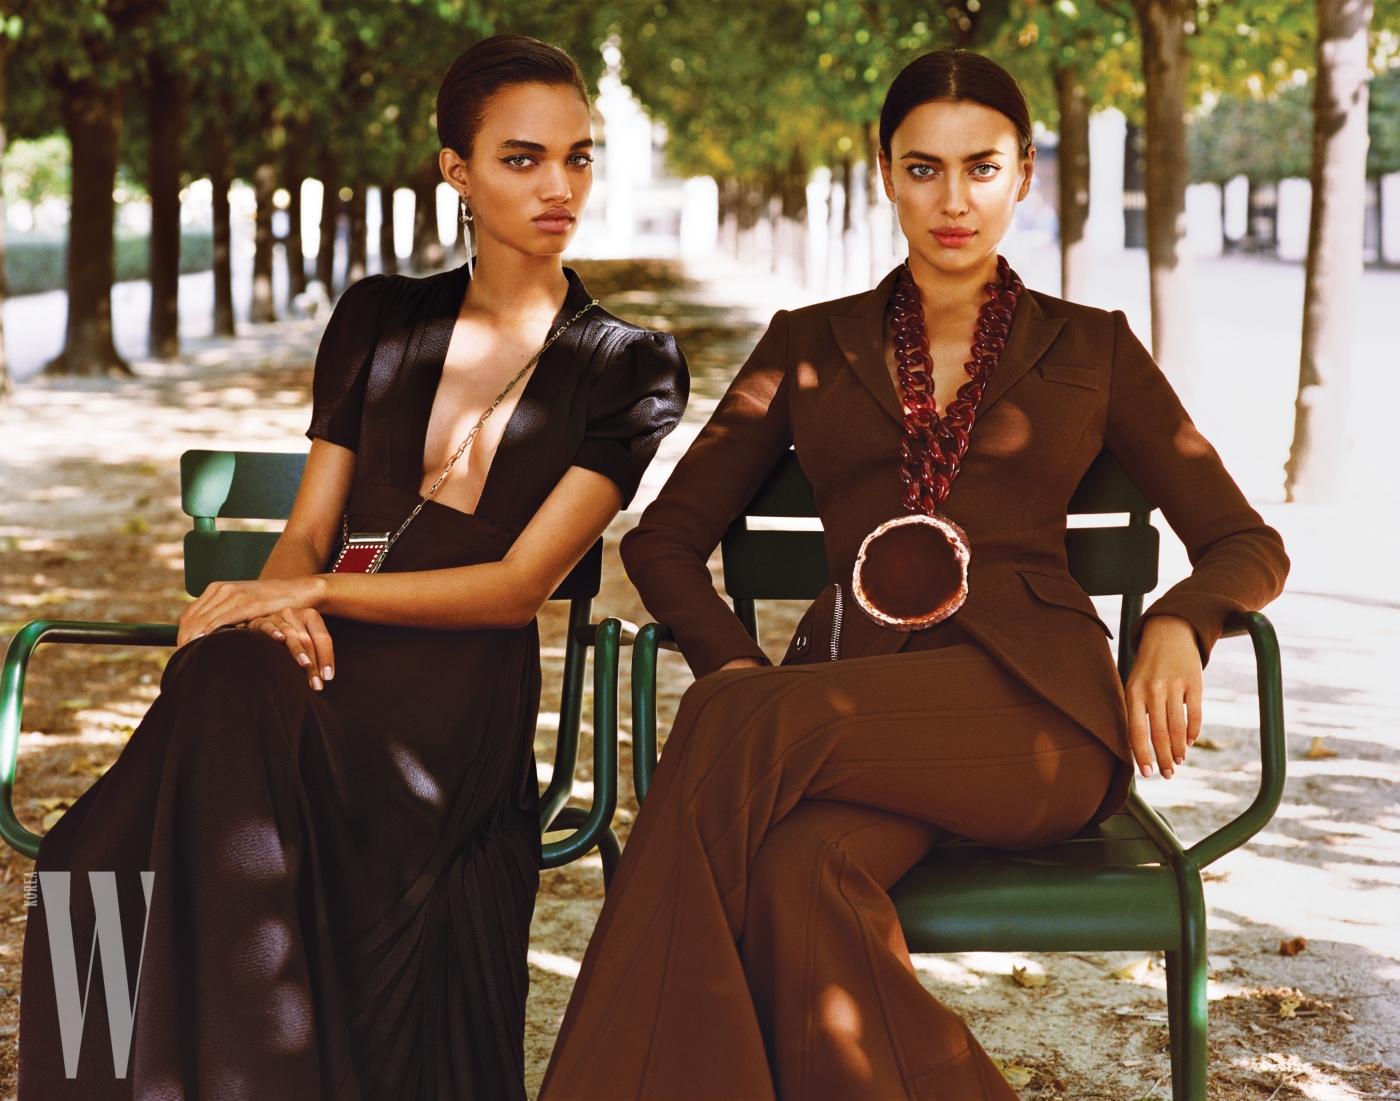 왼쪽 모델이 입은 드레스는 Valentino, 립스틱 케이스와 귀고리는 Valentino Garavani 제품. 오른쪽 모델이 입은 브라운 컬러 재킷, 팬츠, 볼드한 목걸이는 모두 Givenchy by Riccardo Tisci 제품.